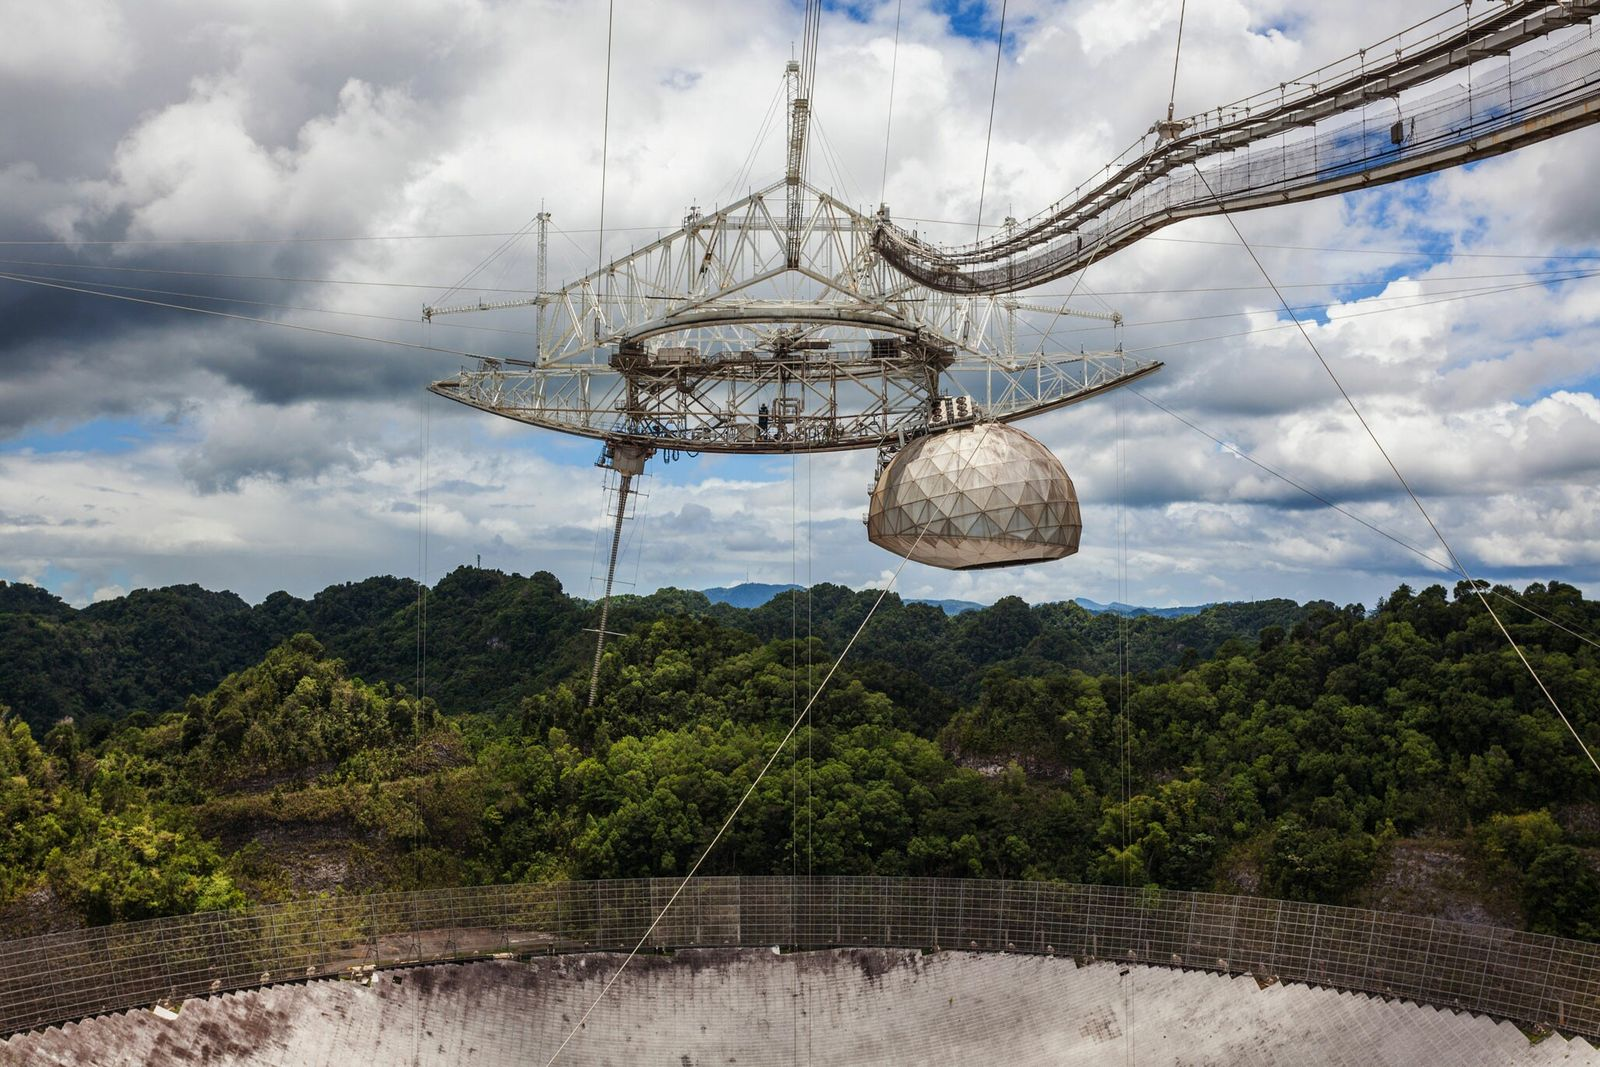 Situé dans le nord de Porto Rico, le radiotélescope à réflecteur unique de l'observatoire d'Arecibo est le ...